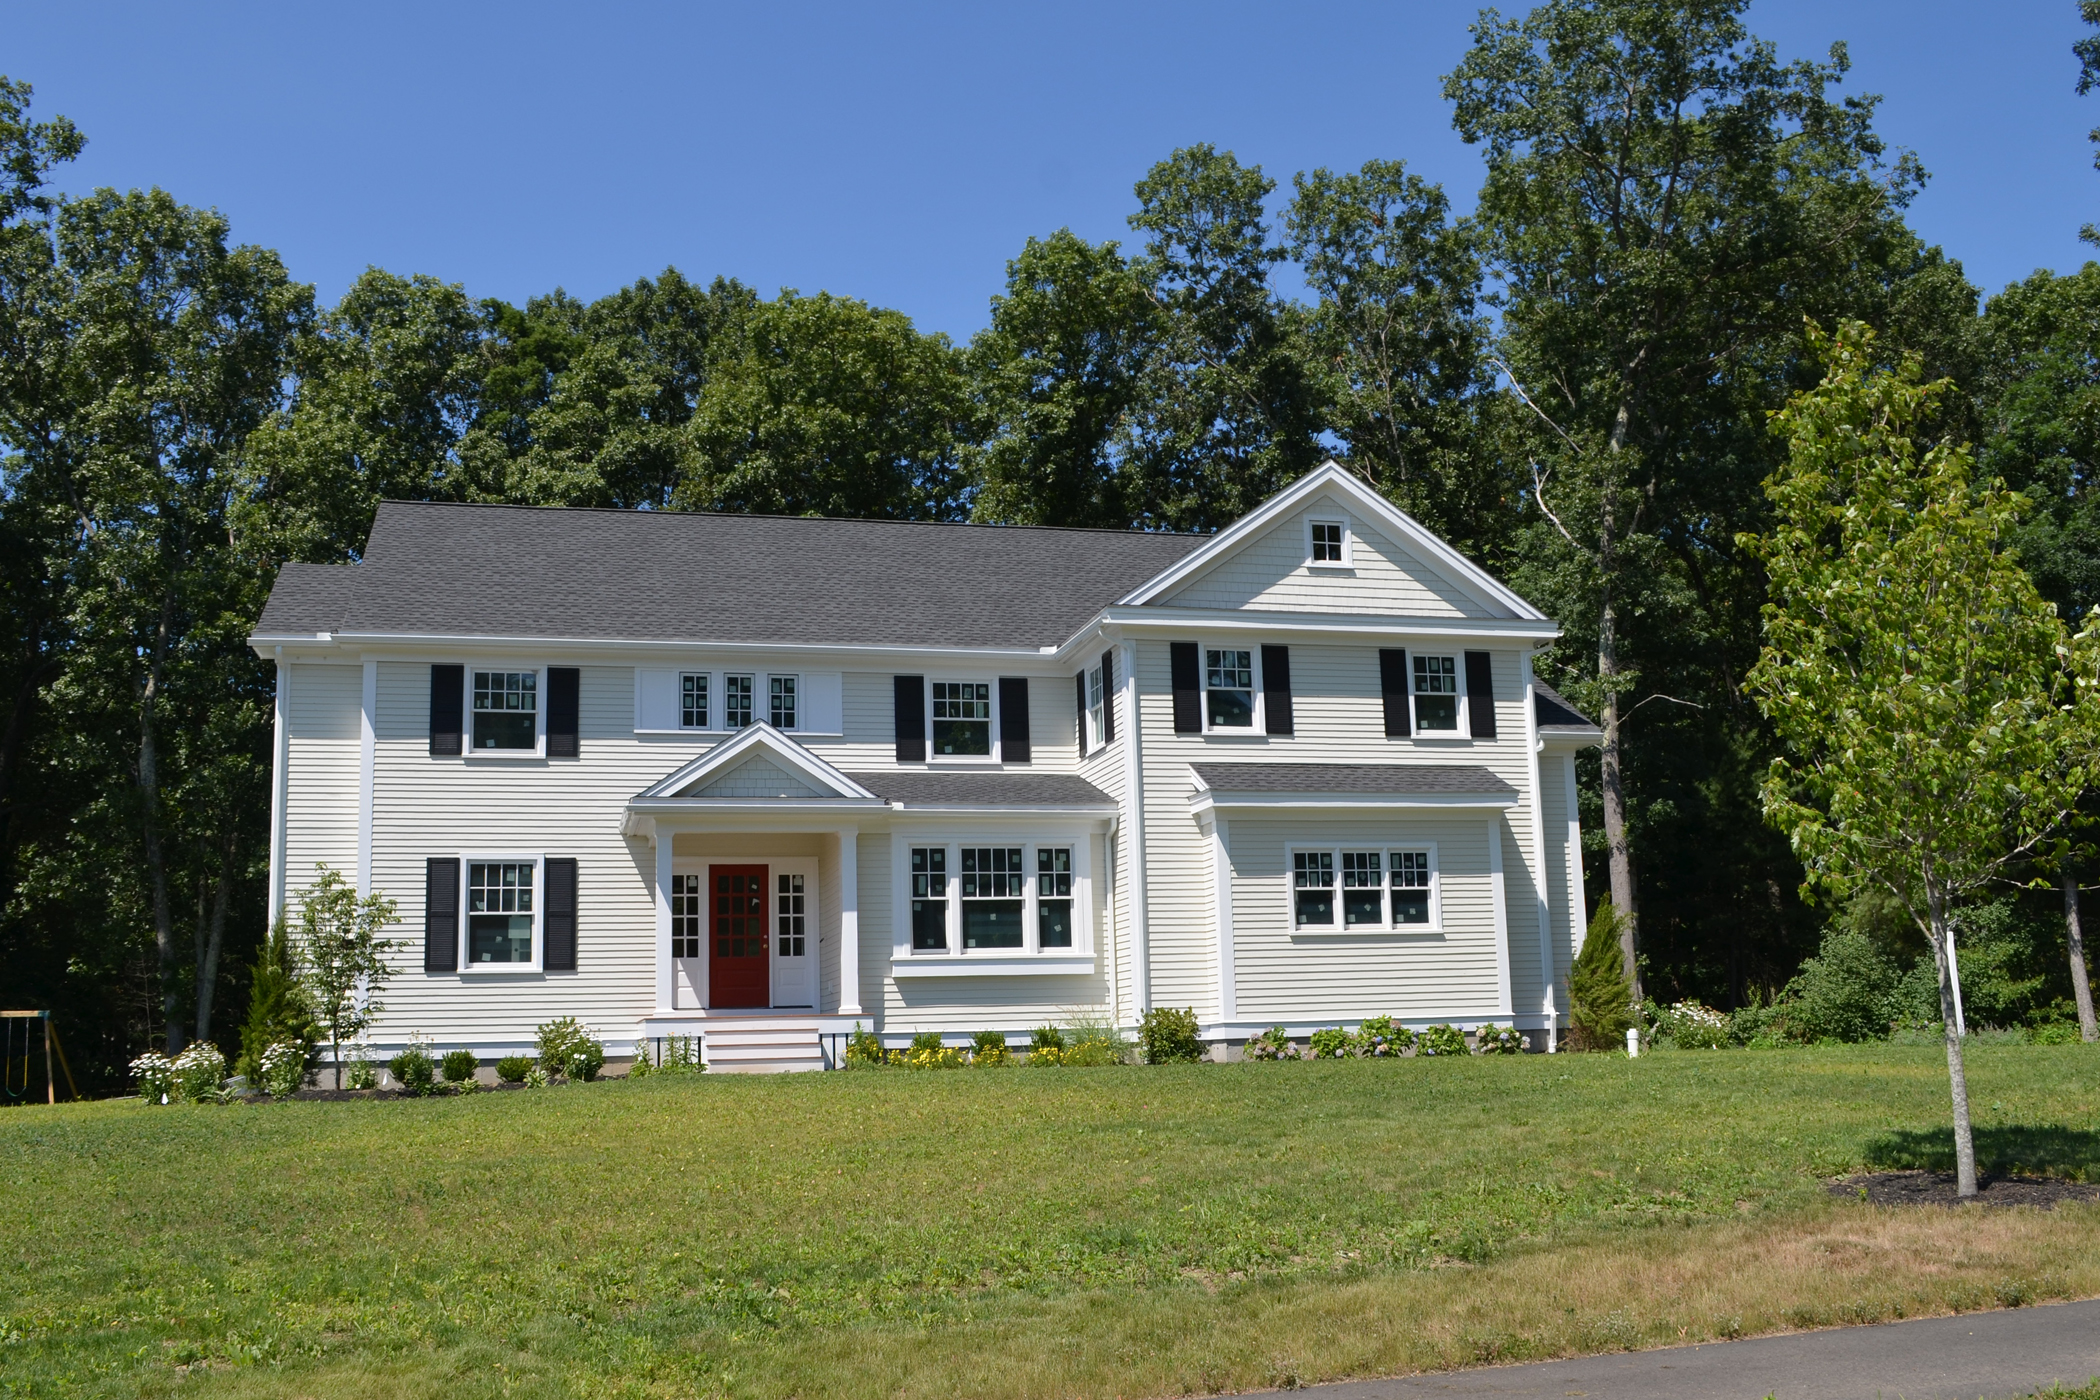 Maison unifamiliale pour l Vente à Lovely Colonial at Monsen Farm Lot 7 Monsen Road Concord, Massachusetts, 01742 États-Unis